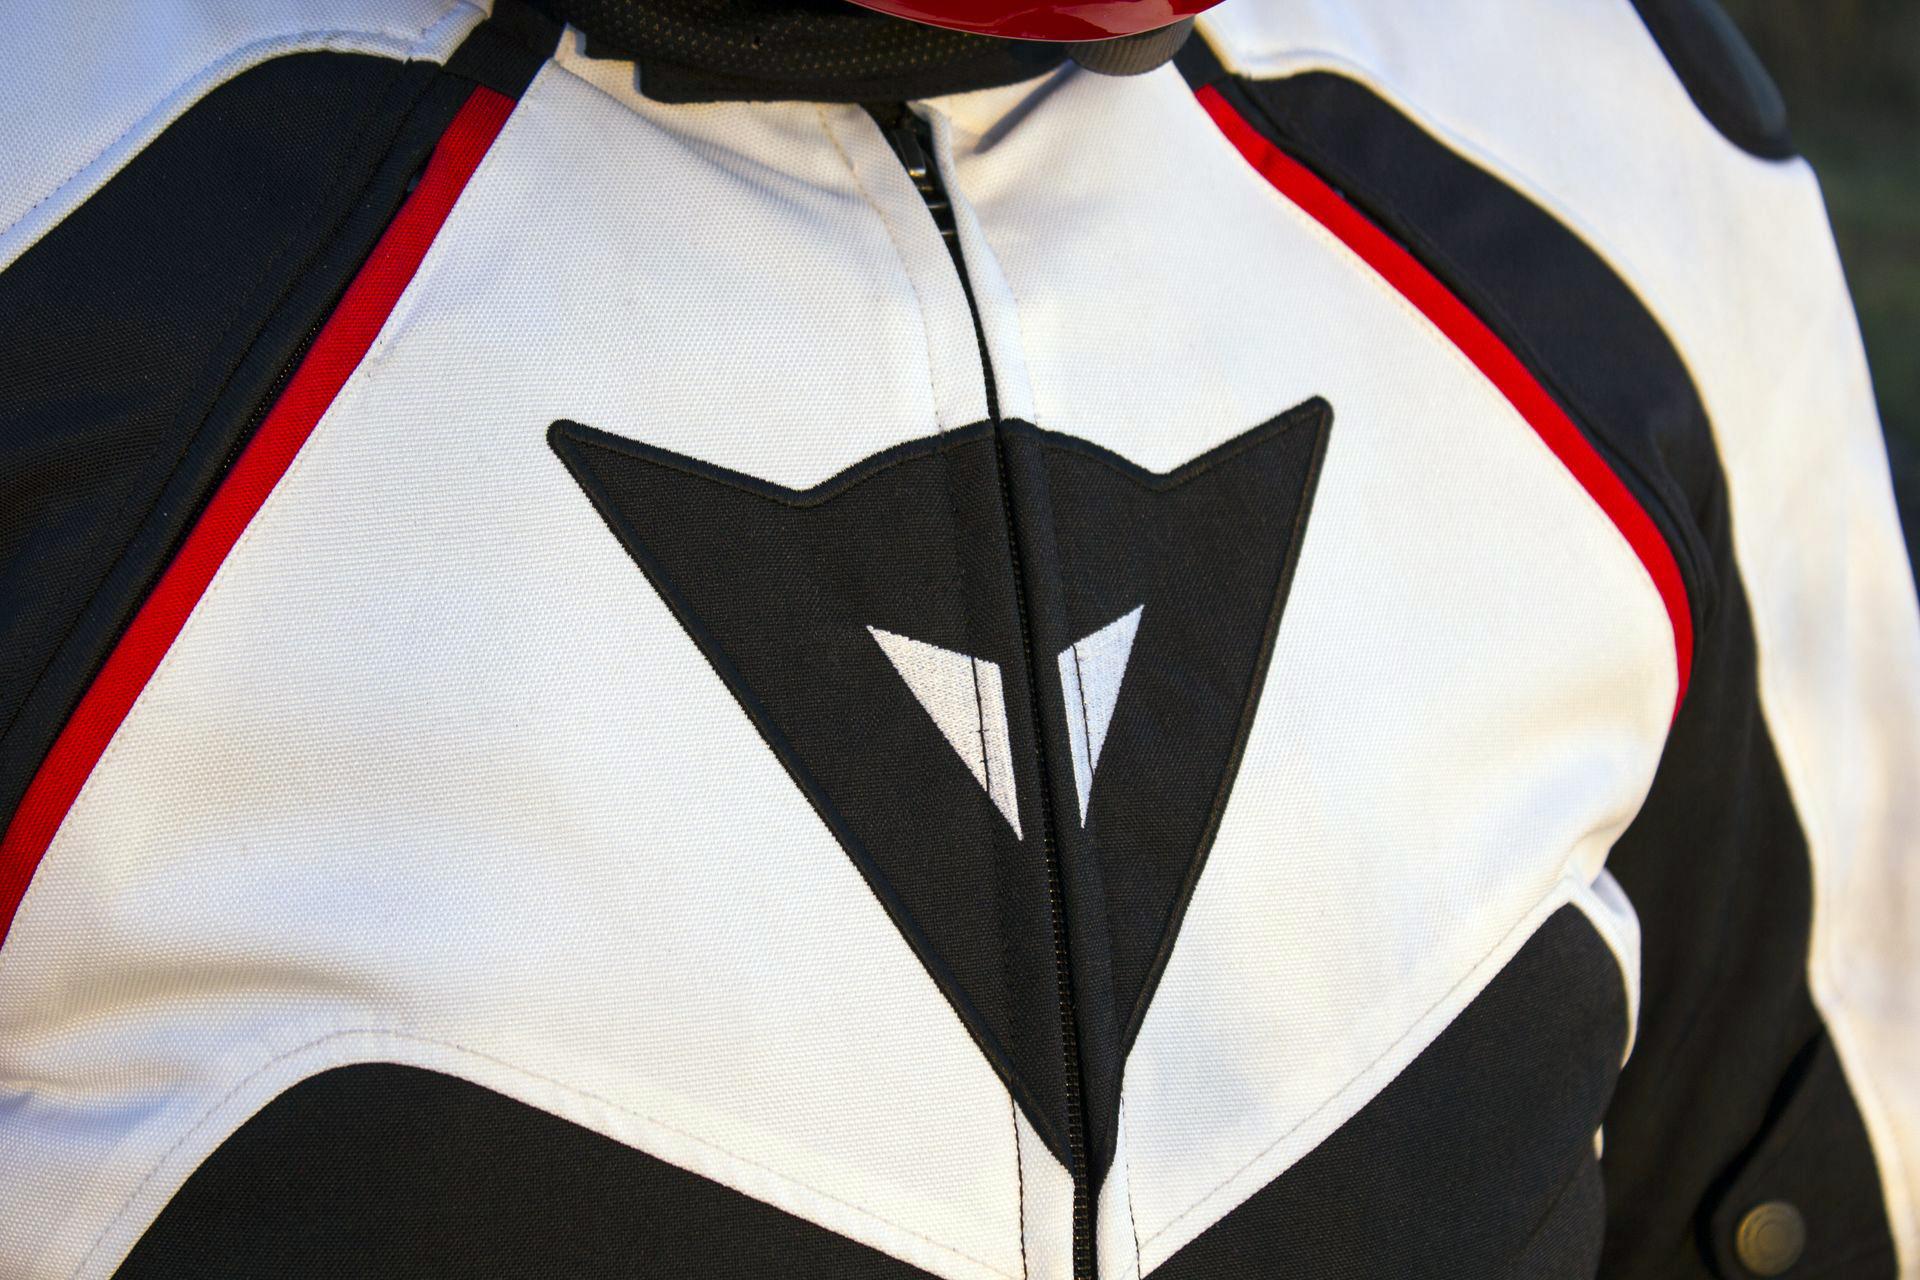 El gran logotipo, típico de las chaquetas deportivas Dainese, está presente en el torso. Observad las dos cremalleras con su ribete rojo.